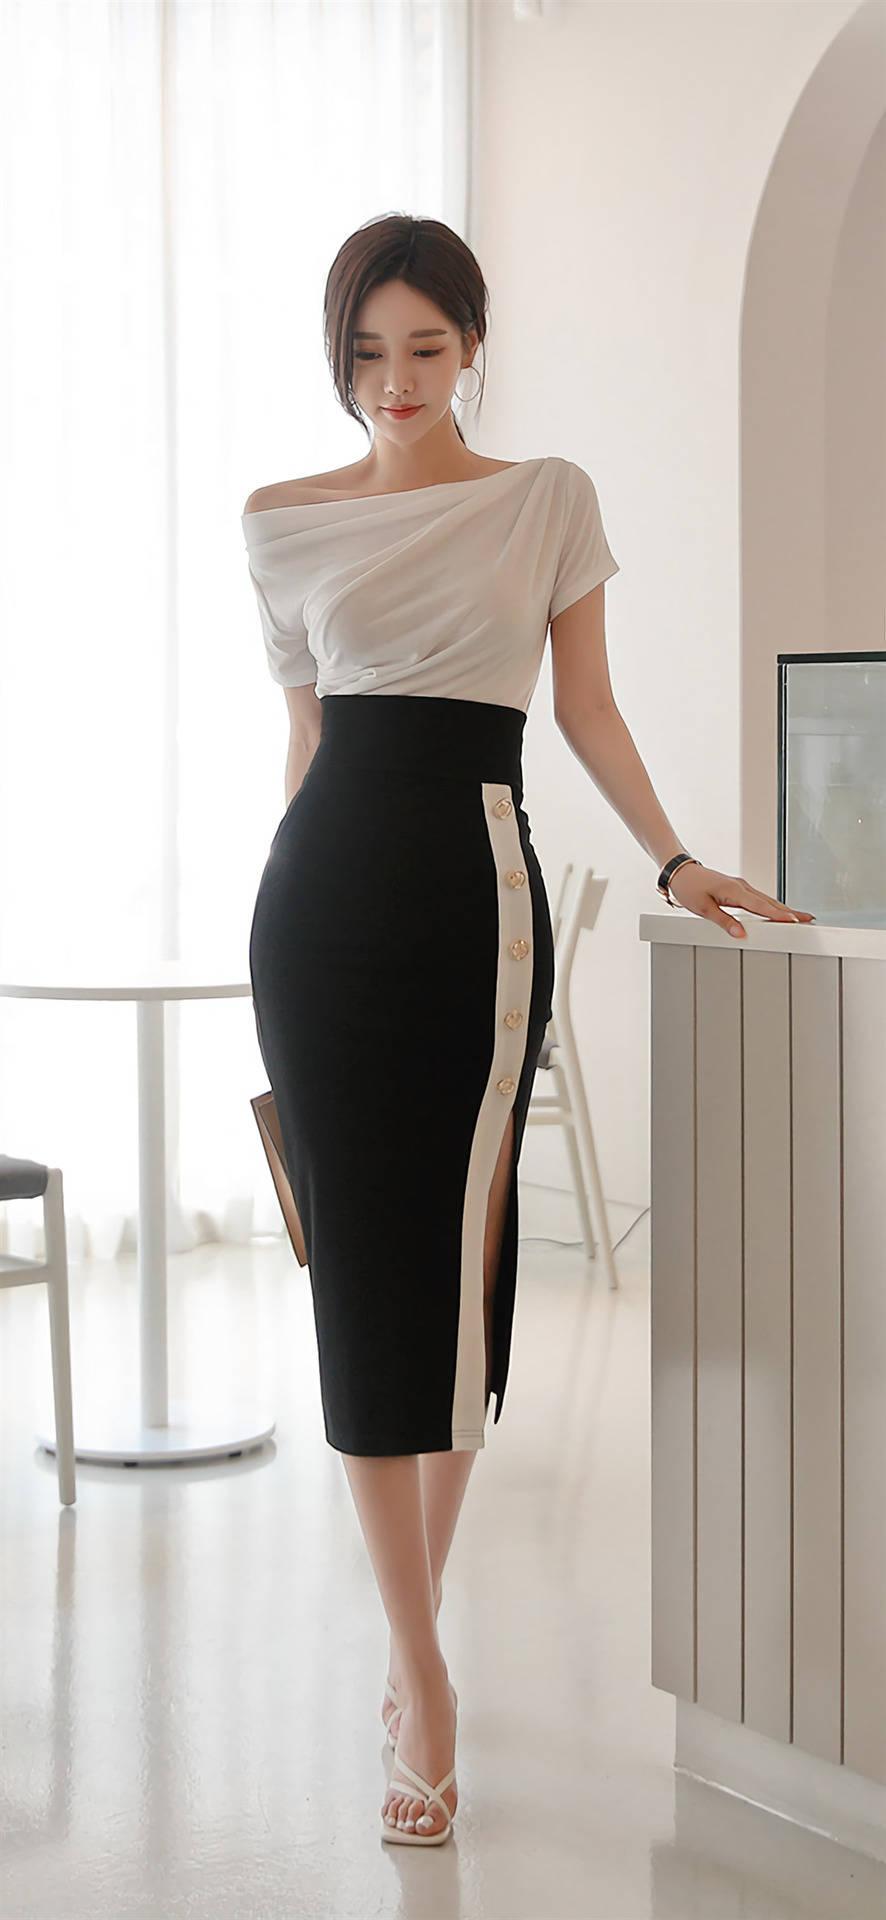 韩国女神孙允珠 黑白色拼搭 更显高贵气质,美出天际了